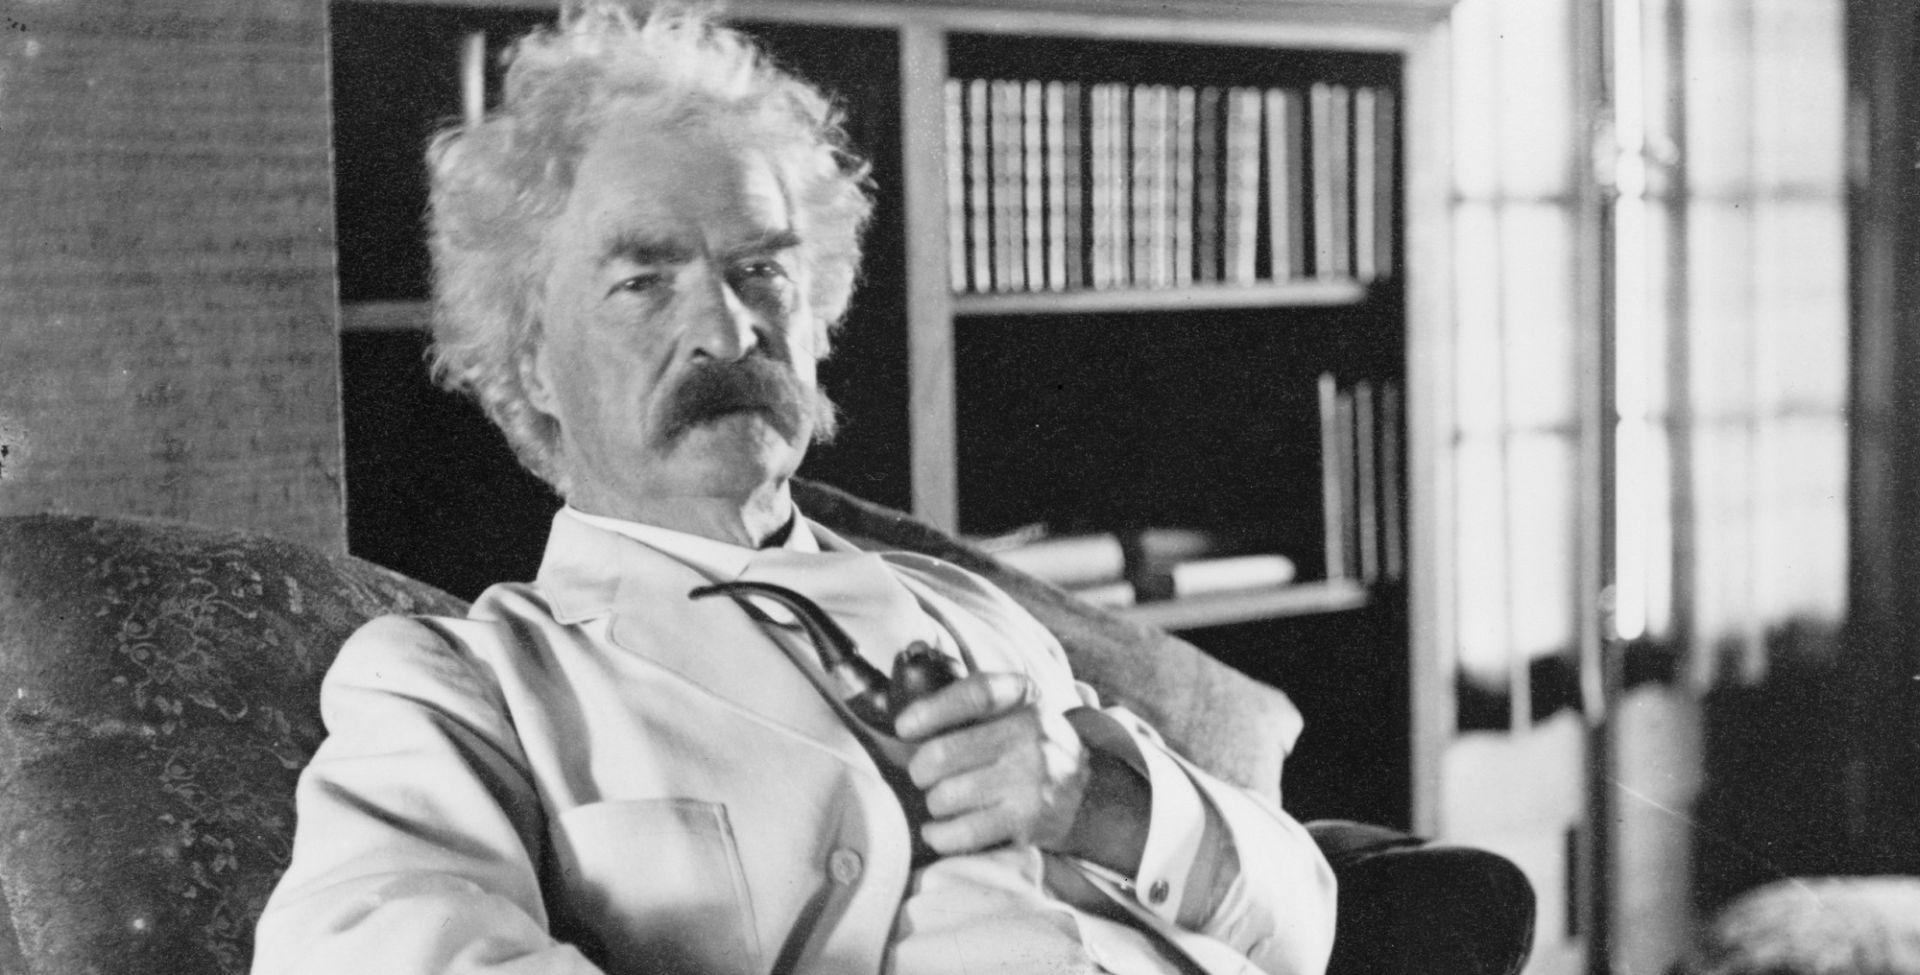 Napišite roman u privatnoj knjižnici Marka Twaina